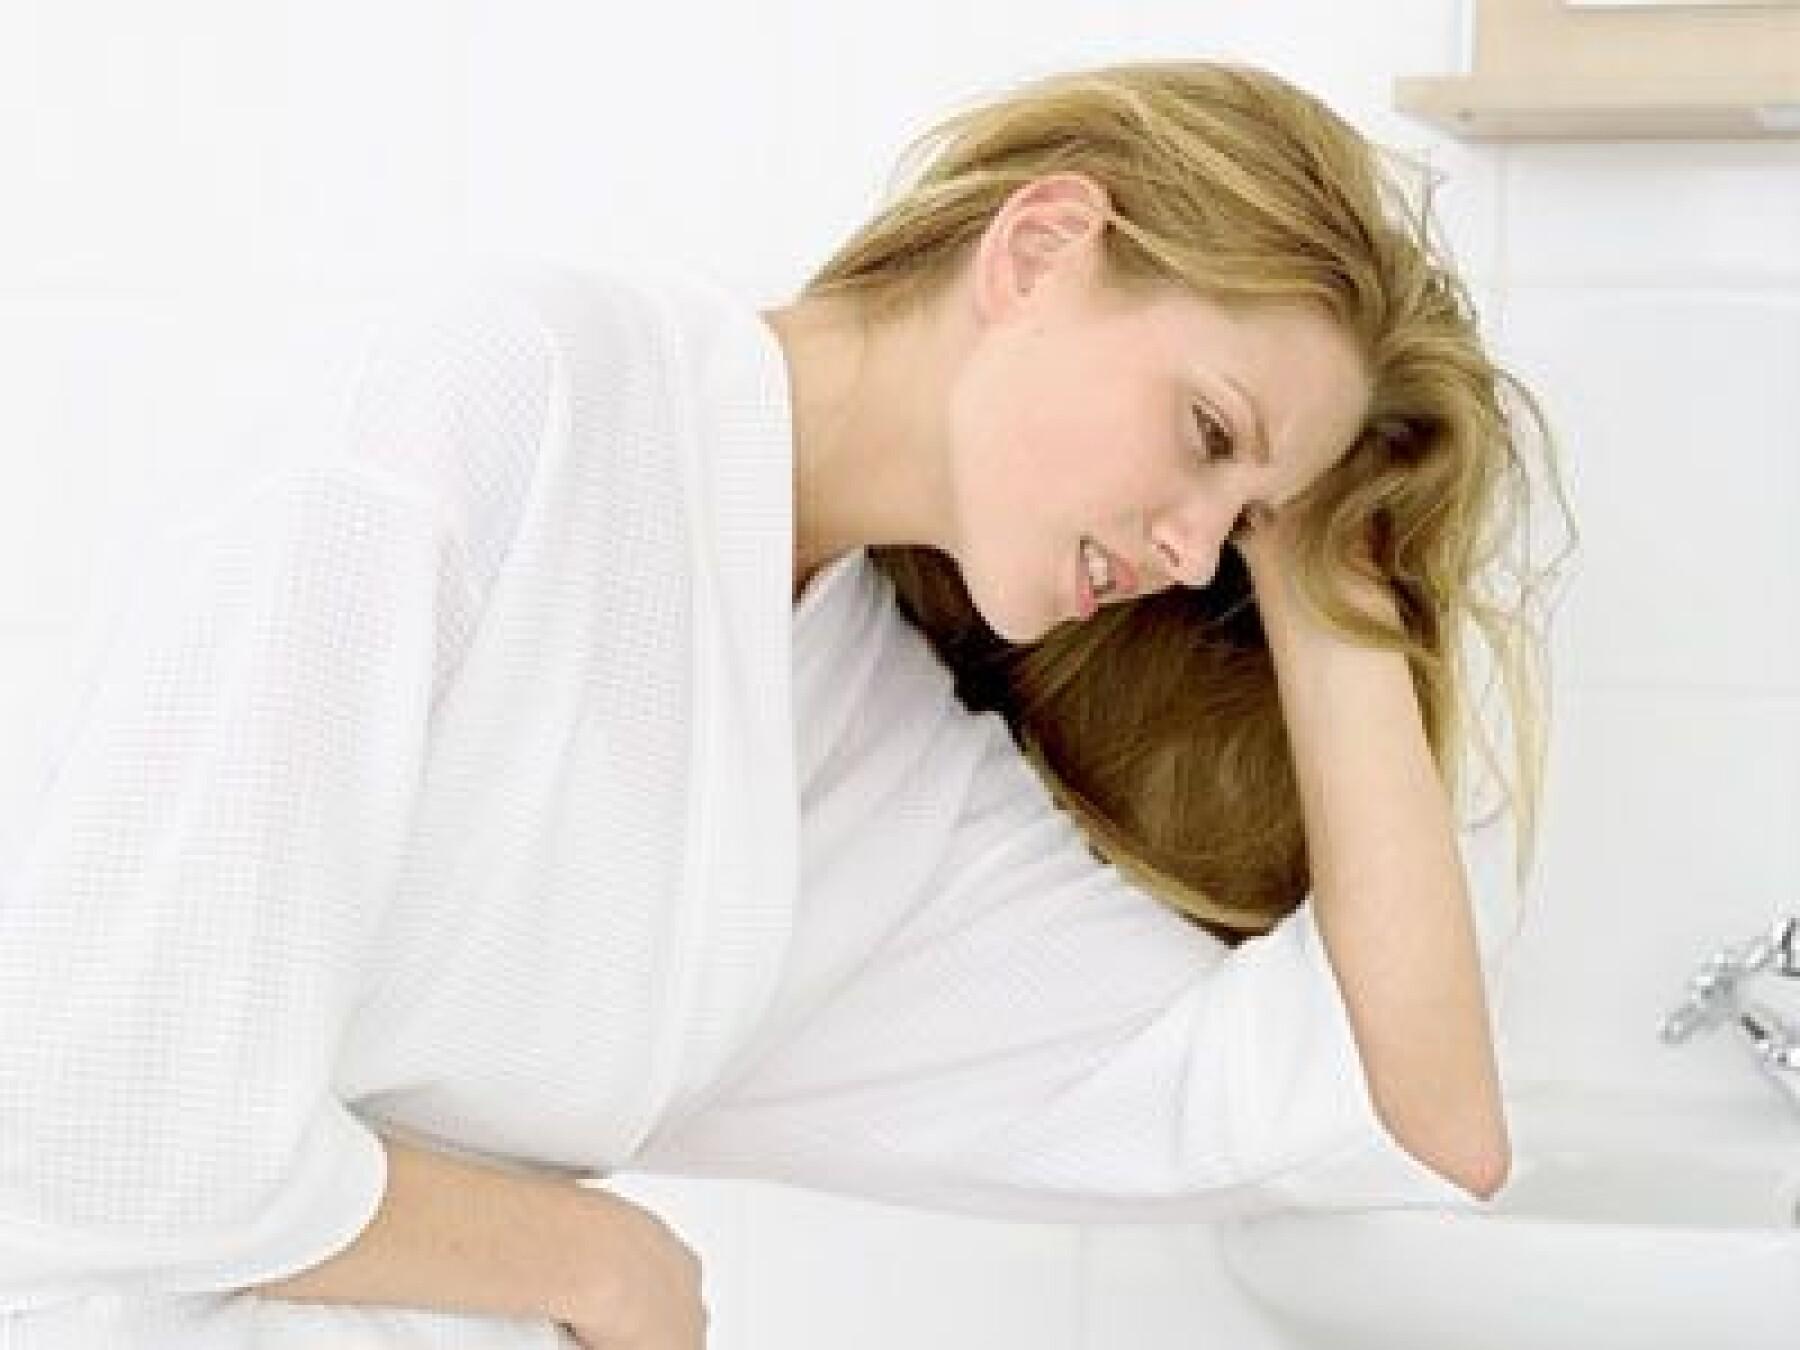 Comment calmer les nausées